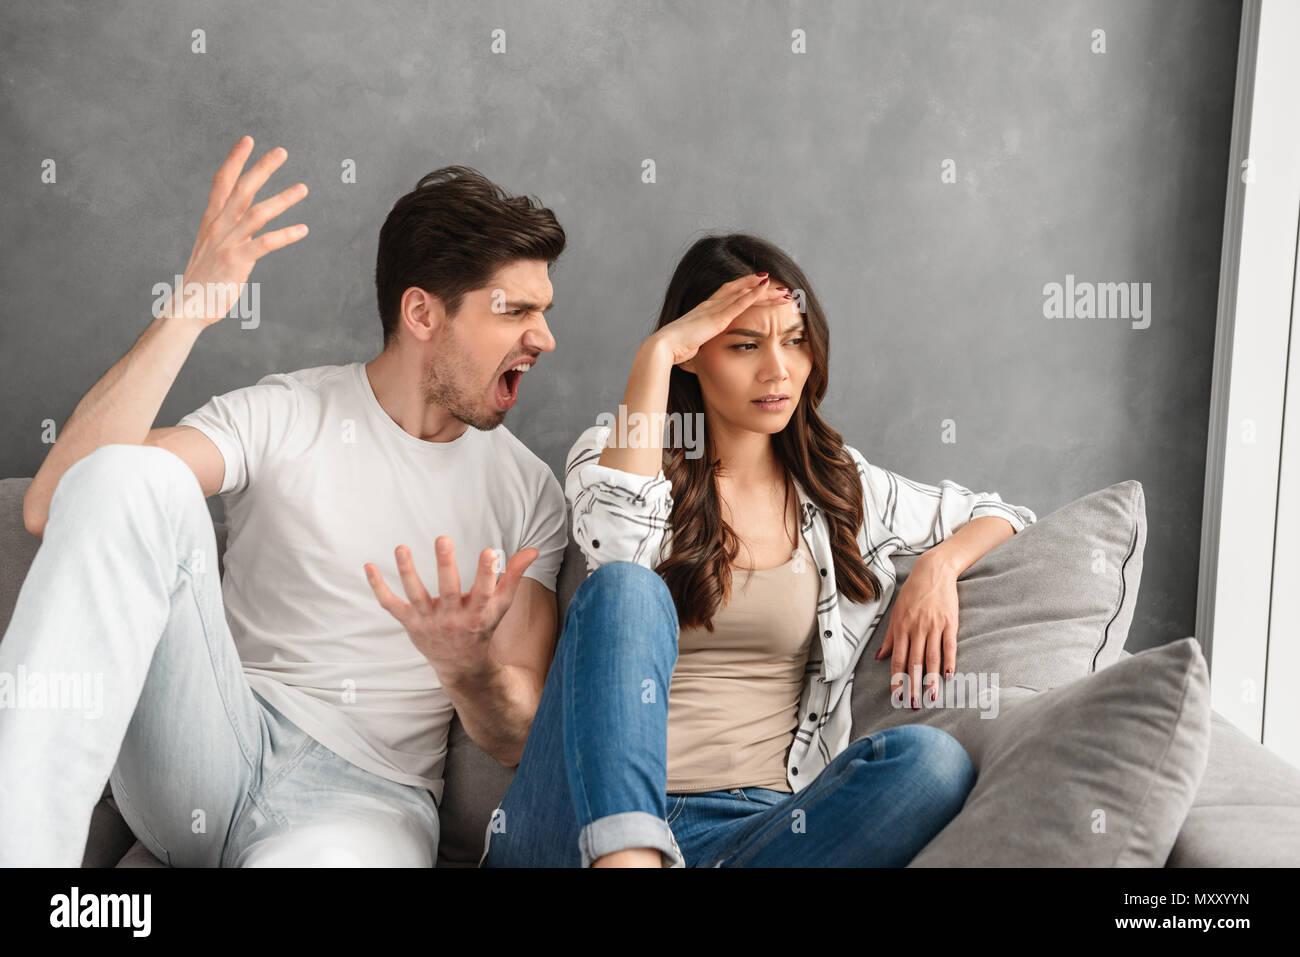 Foto di deluso giovane seduti insieme sul divano di casa mentre l'uomo grida sulla donna con colpa isolate su sfondo bianco Immagini Stock